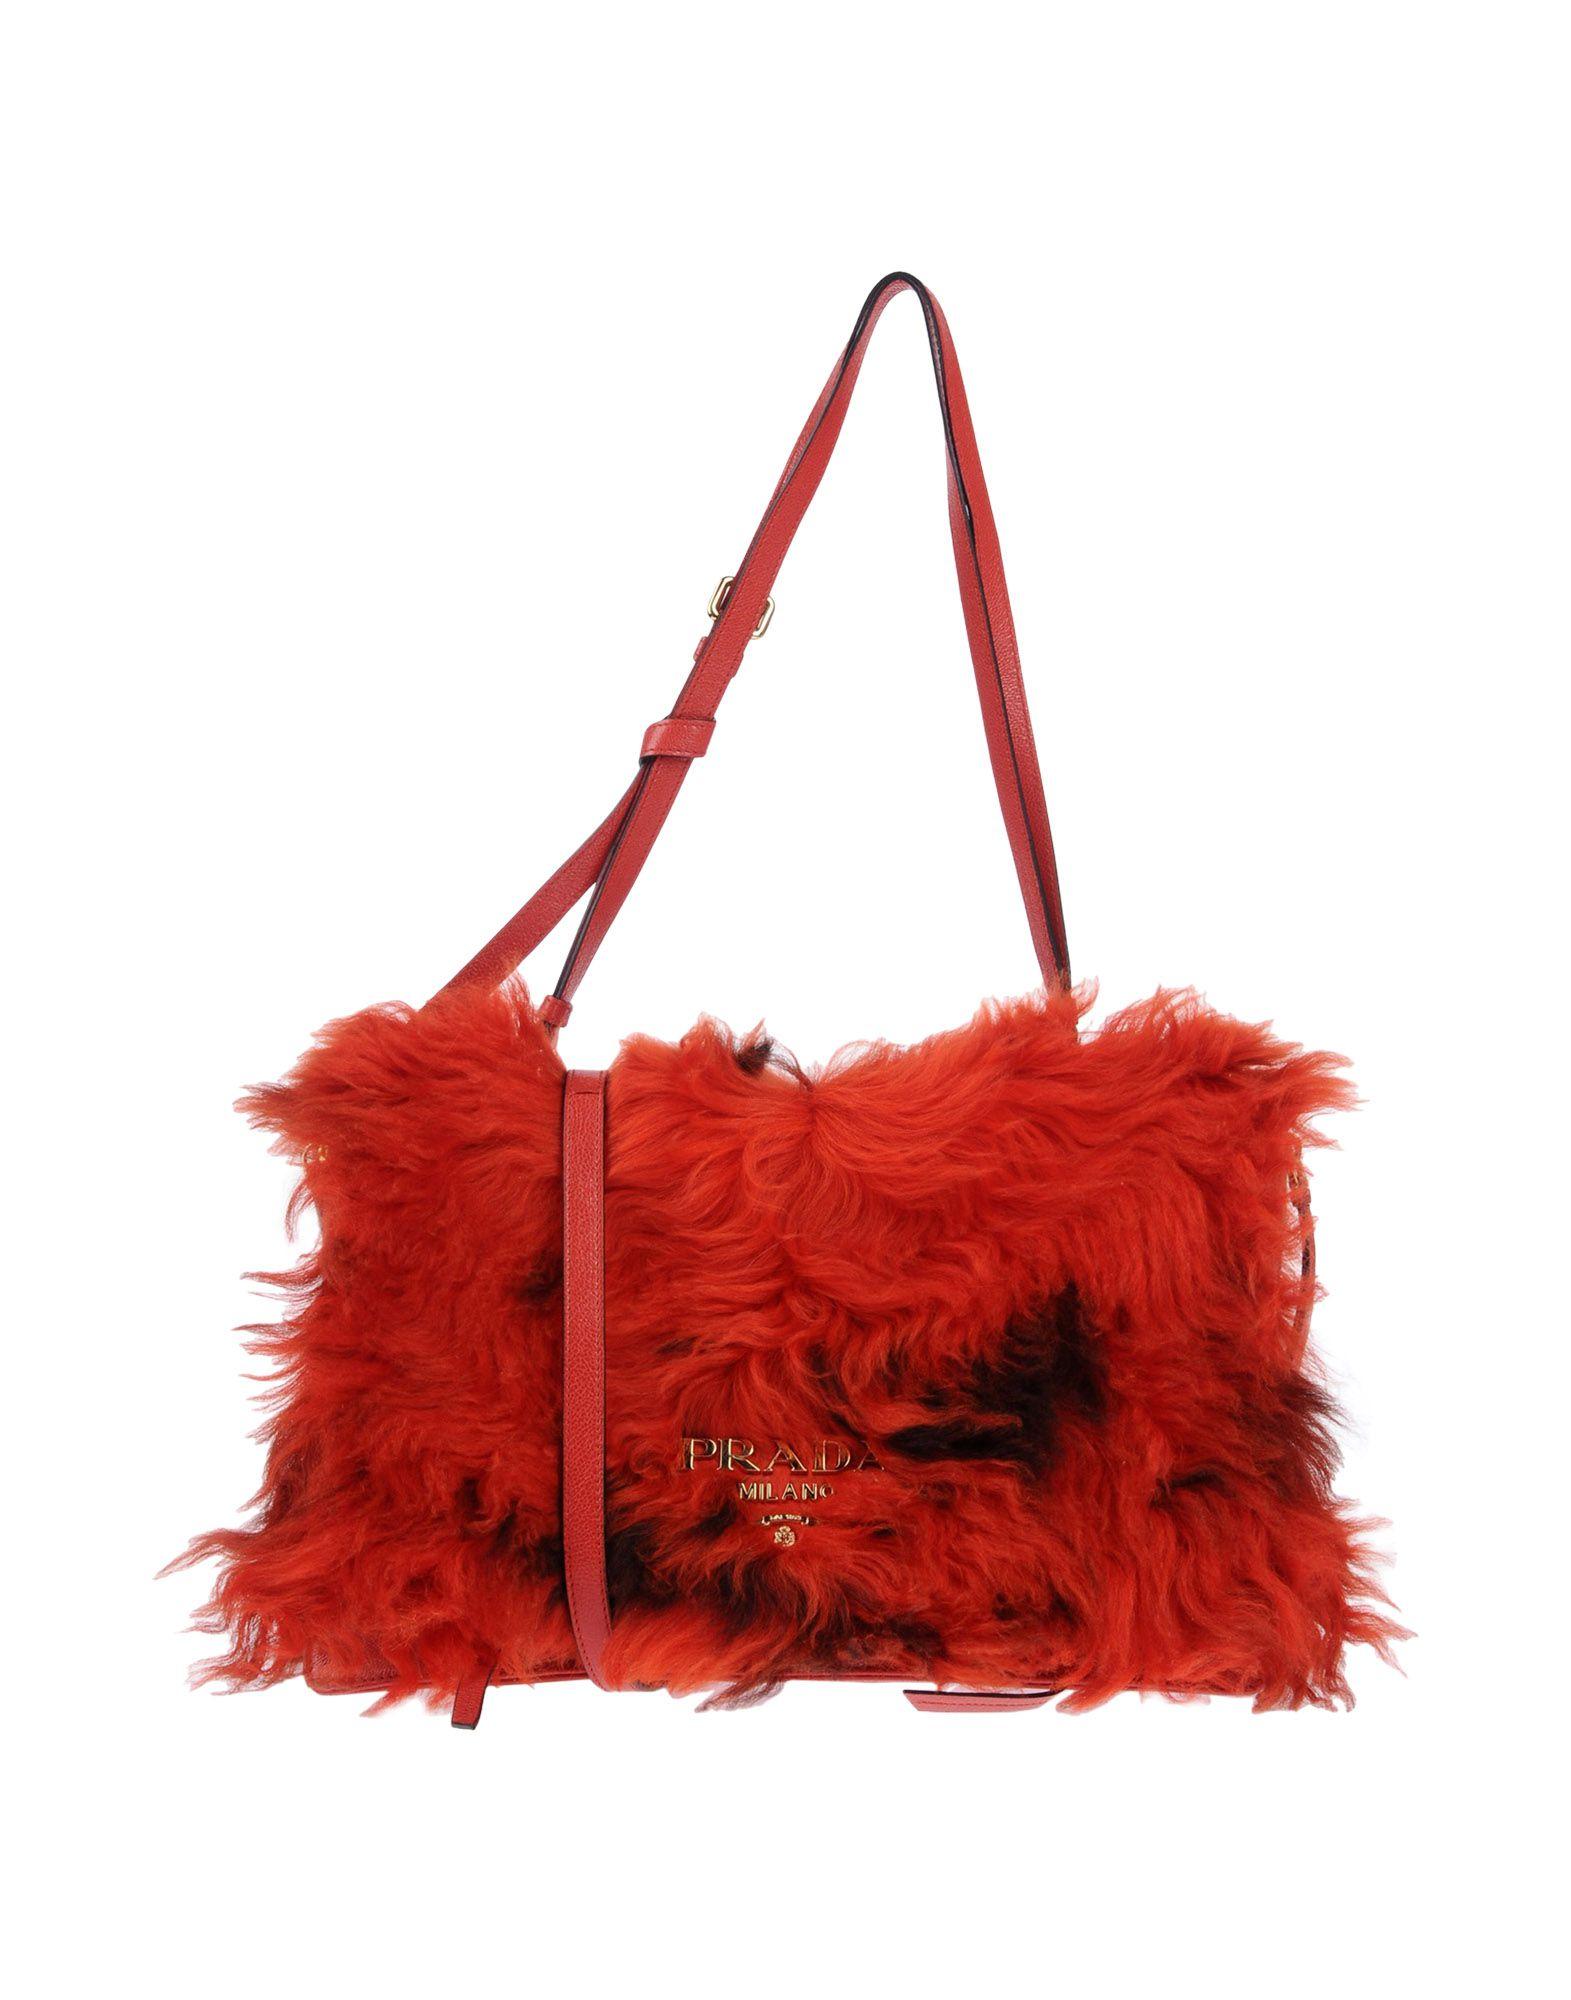 Borse Prada donna: borsette, pochette e borse firmate Prada